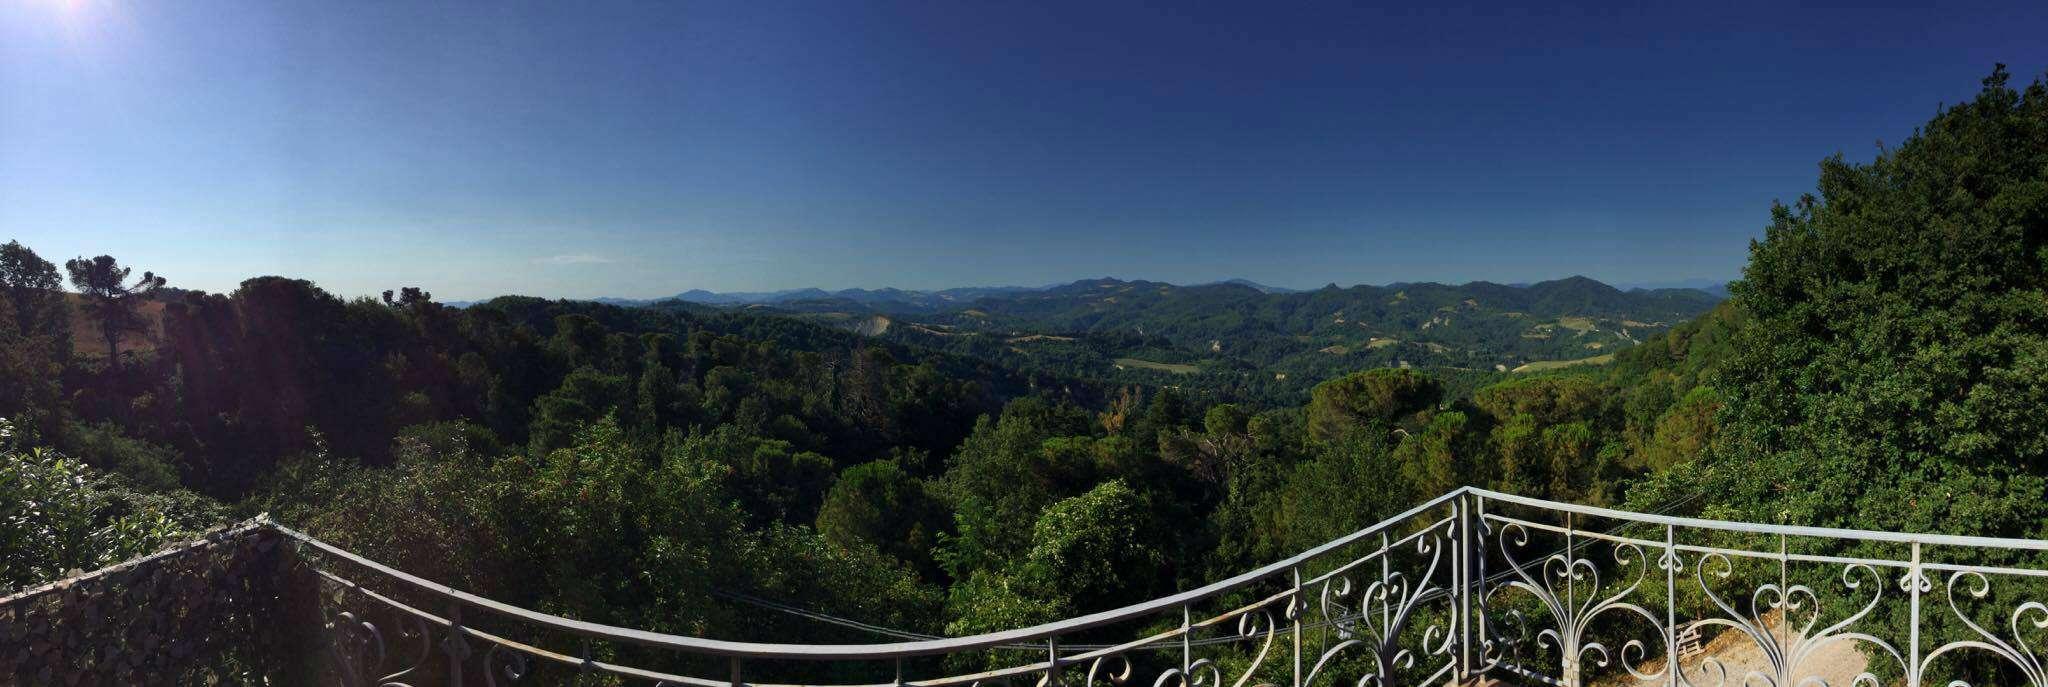 Villa in vendita a Sasso Marconi, 12 locali, prezzo € 900.000 | CambioCasa.it